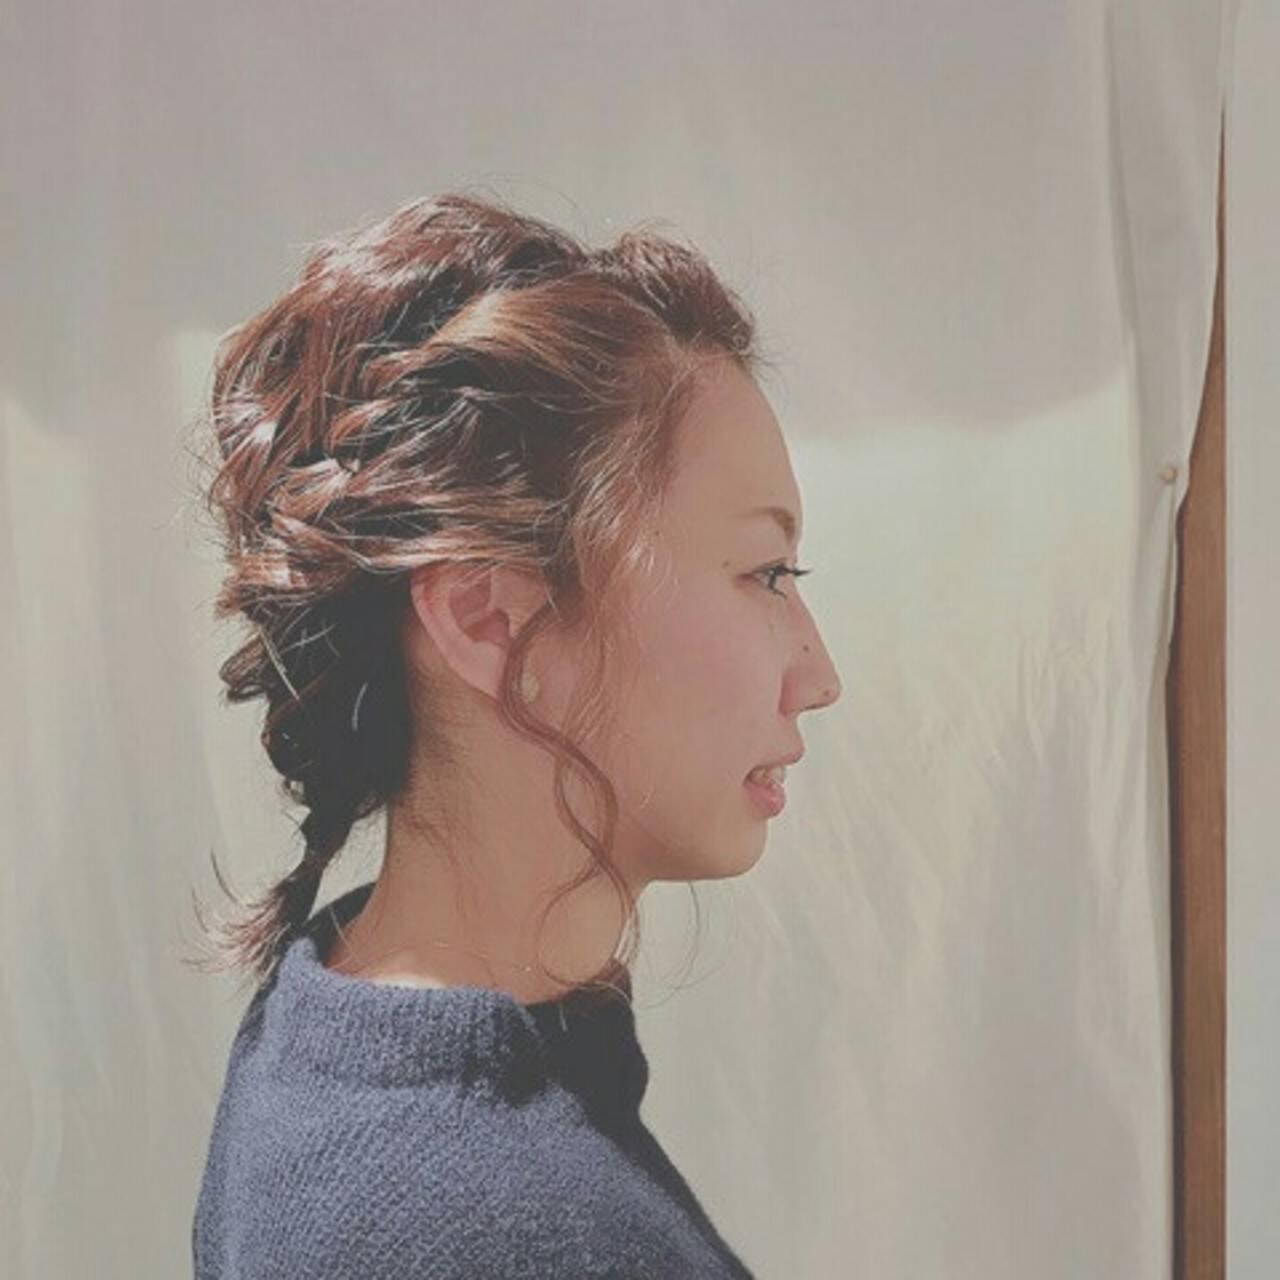 ヘアアレンジ 後れ毛 大人女子 編み込みヘアスタイルや髪型の写真・画像